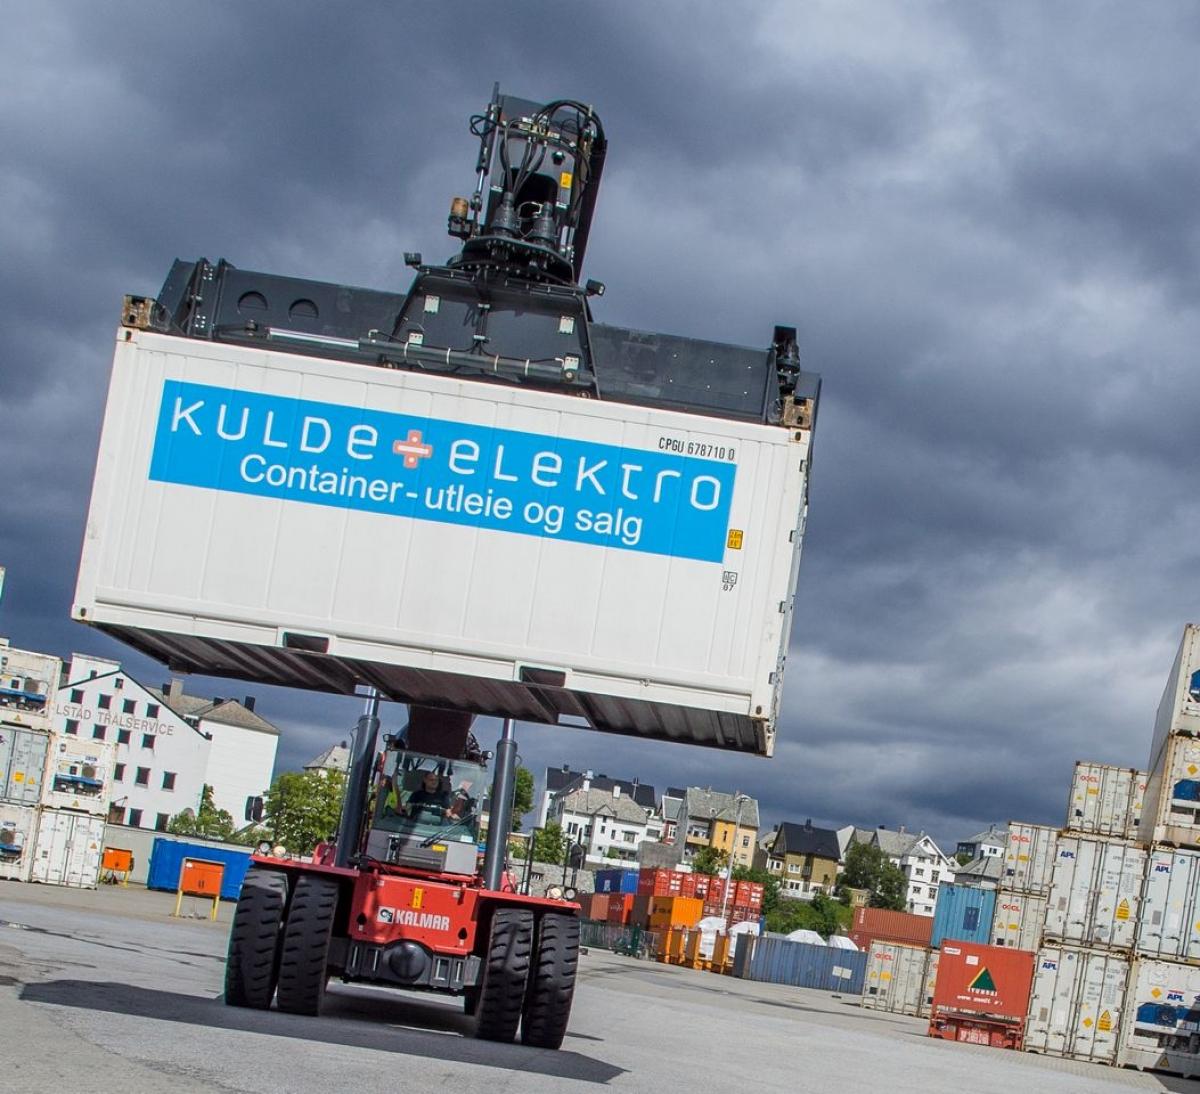 Utleie-kjøp-container-kulde-elektro